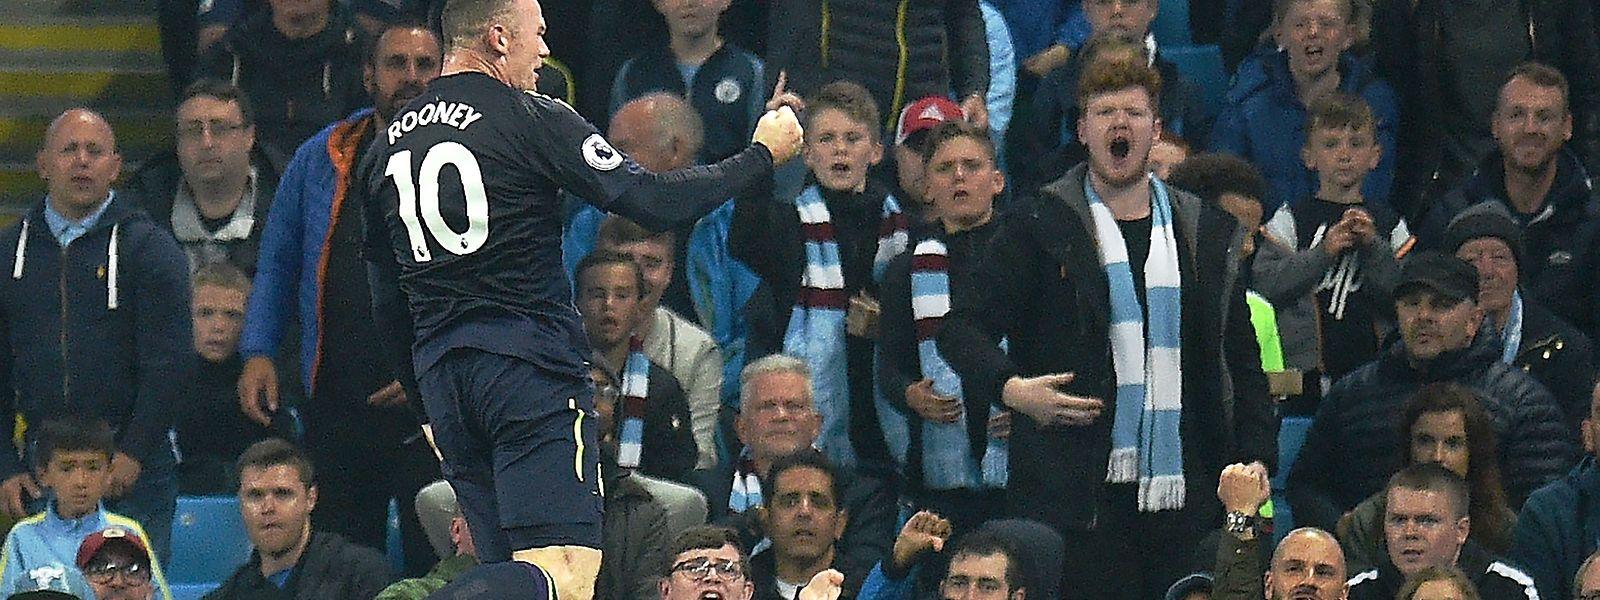 Sie lieben ihn immer noch: Wayne Rooney hat mit dem Wechsel zu seinem Heimatclub Everton wohl alles richtig gemacht.